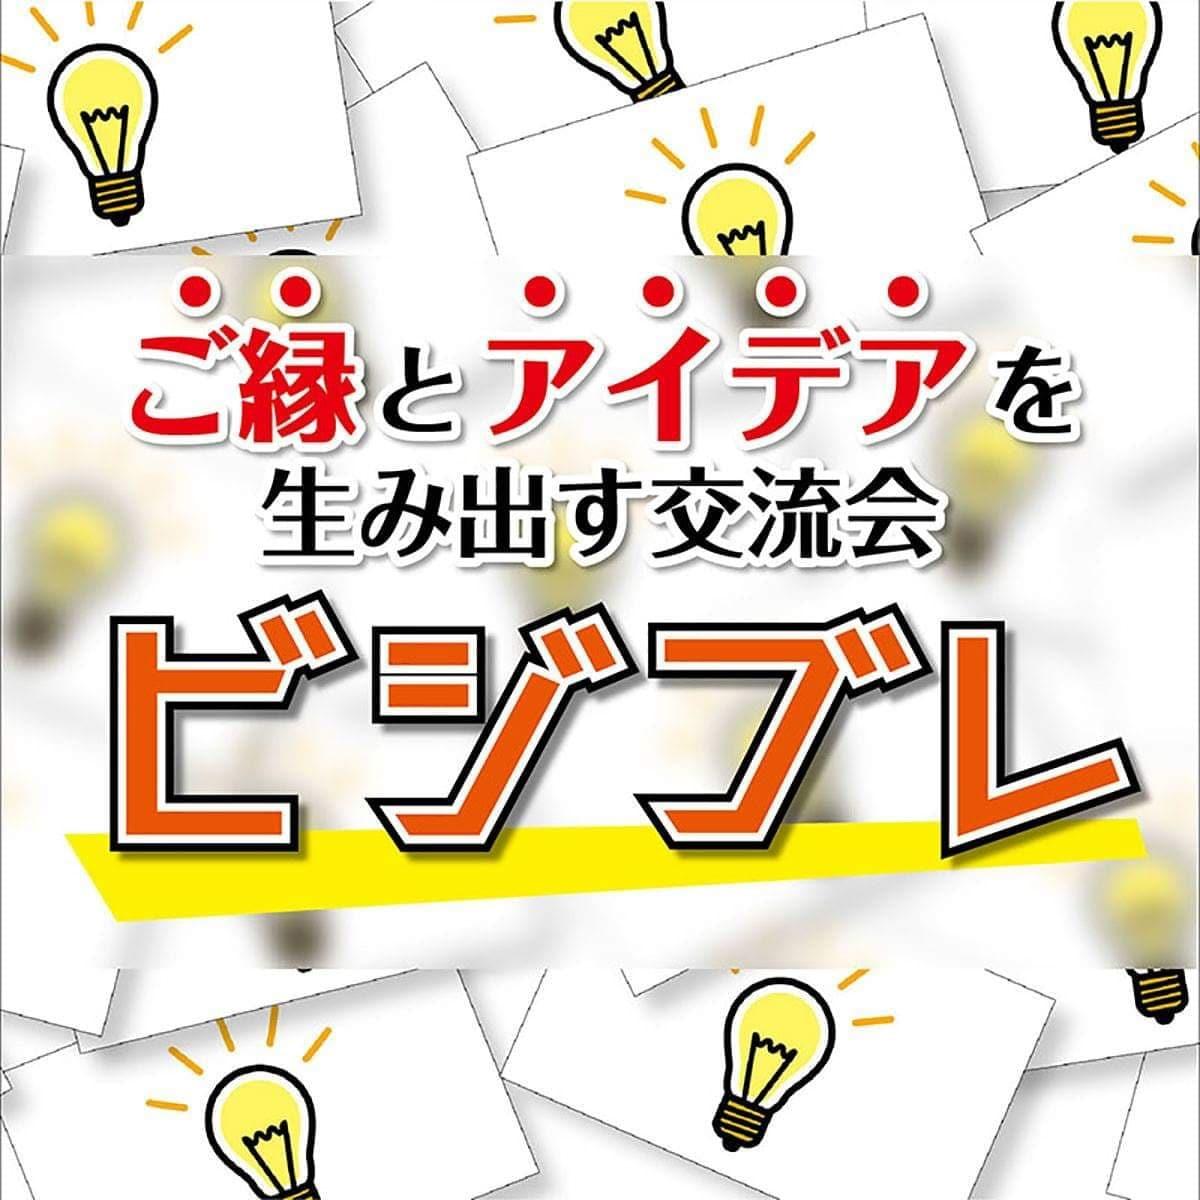 【10/12開催】ビジブレ会のイメージその1